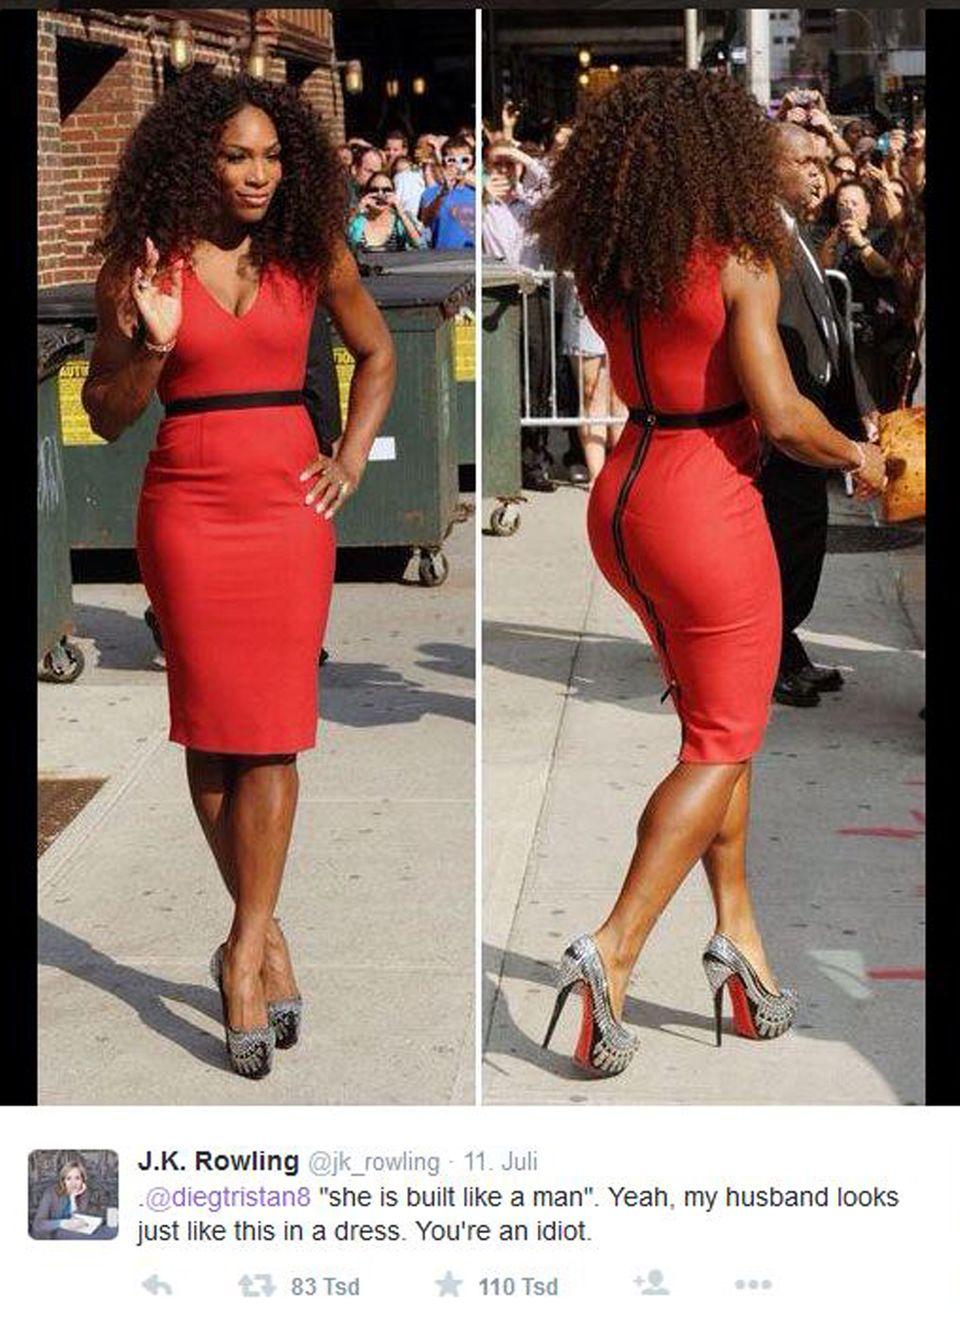 """J.K. Rowling kommentierte das Foto von Tennisstar Serena Williams und adressierte ihren Konter folgendermaßen an den Twitter-Troll: @diegtristan8 """"she is built like a man"""". Yeah, my husband looks just like this in a dress. You're an idiot. (auf Deutsch: """"Sie ist gebaut wie ein Mann"""". Klar, mein Ehemann sieht genauso aus in einem Kleid. Sie sind ein Idiot."""")."""